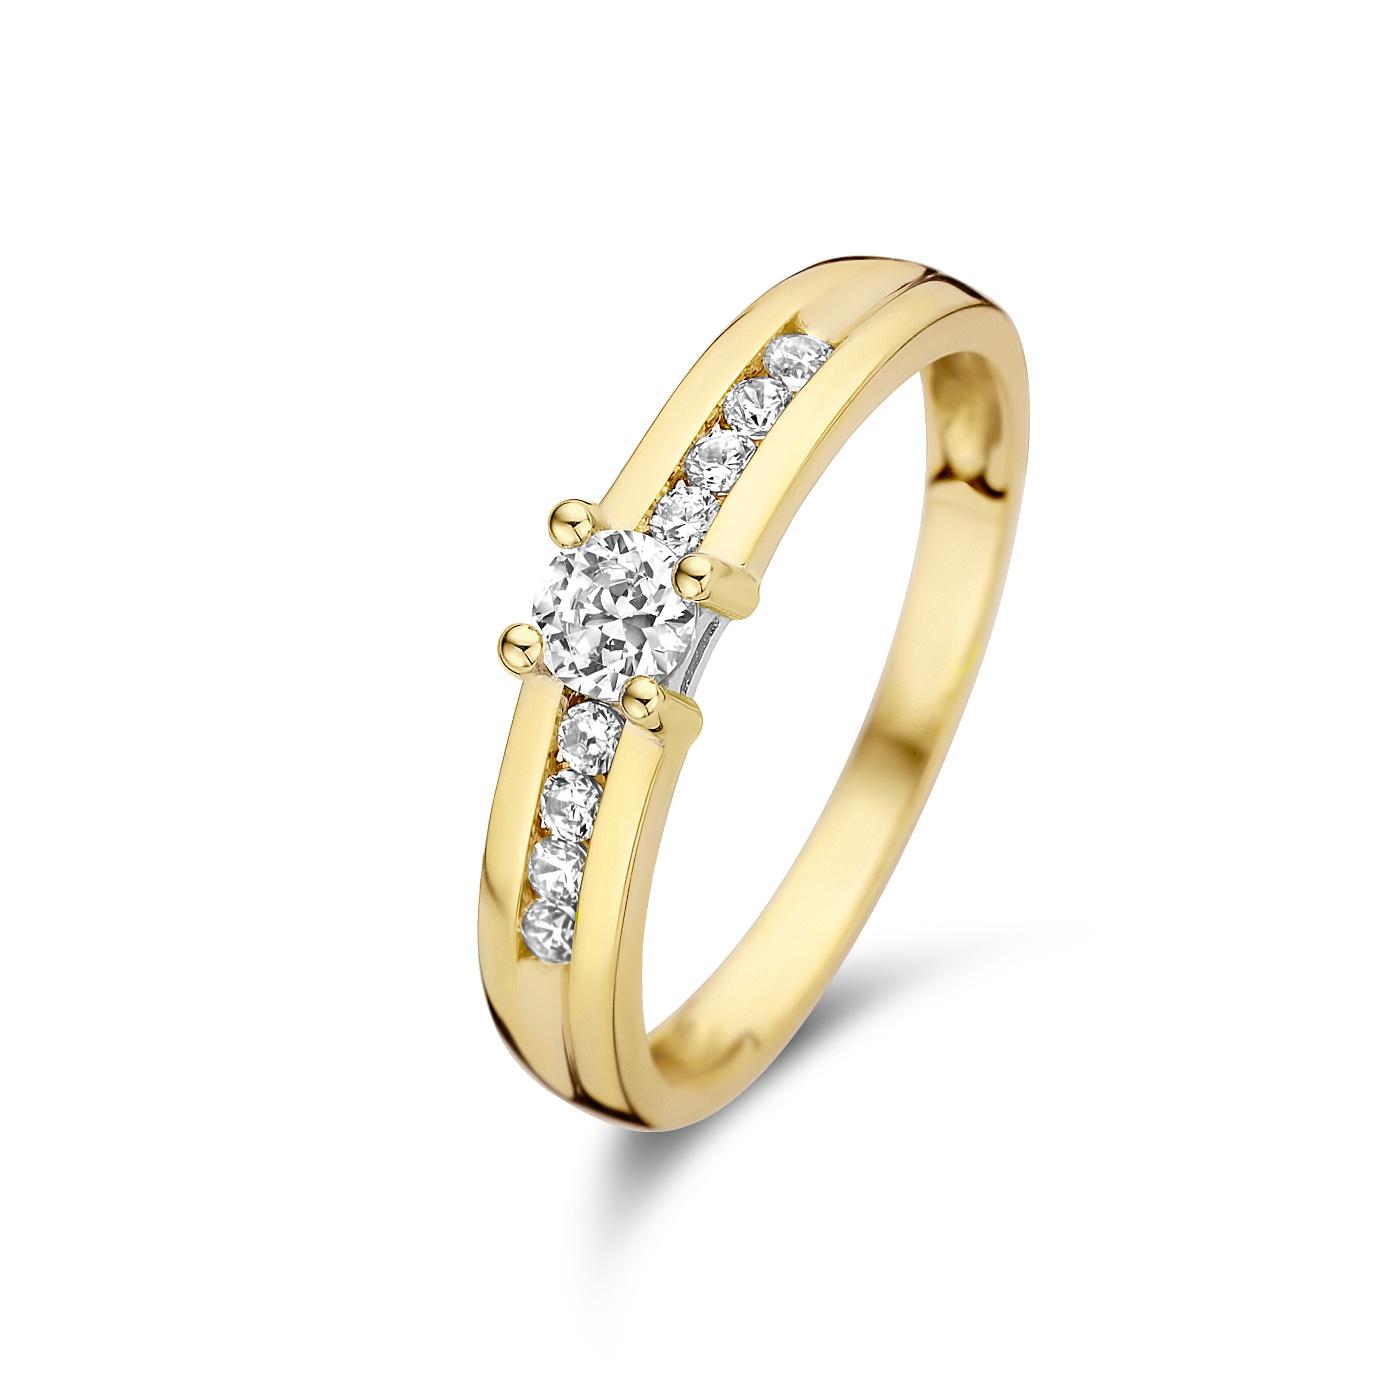 Isabel Bernard Le Marais Estee 14 karaat gouden ring met zirkonia